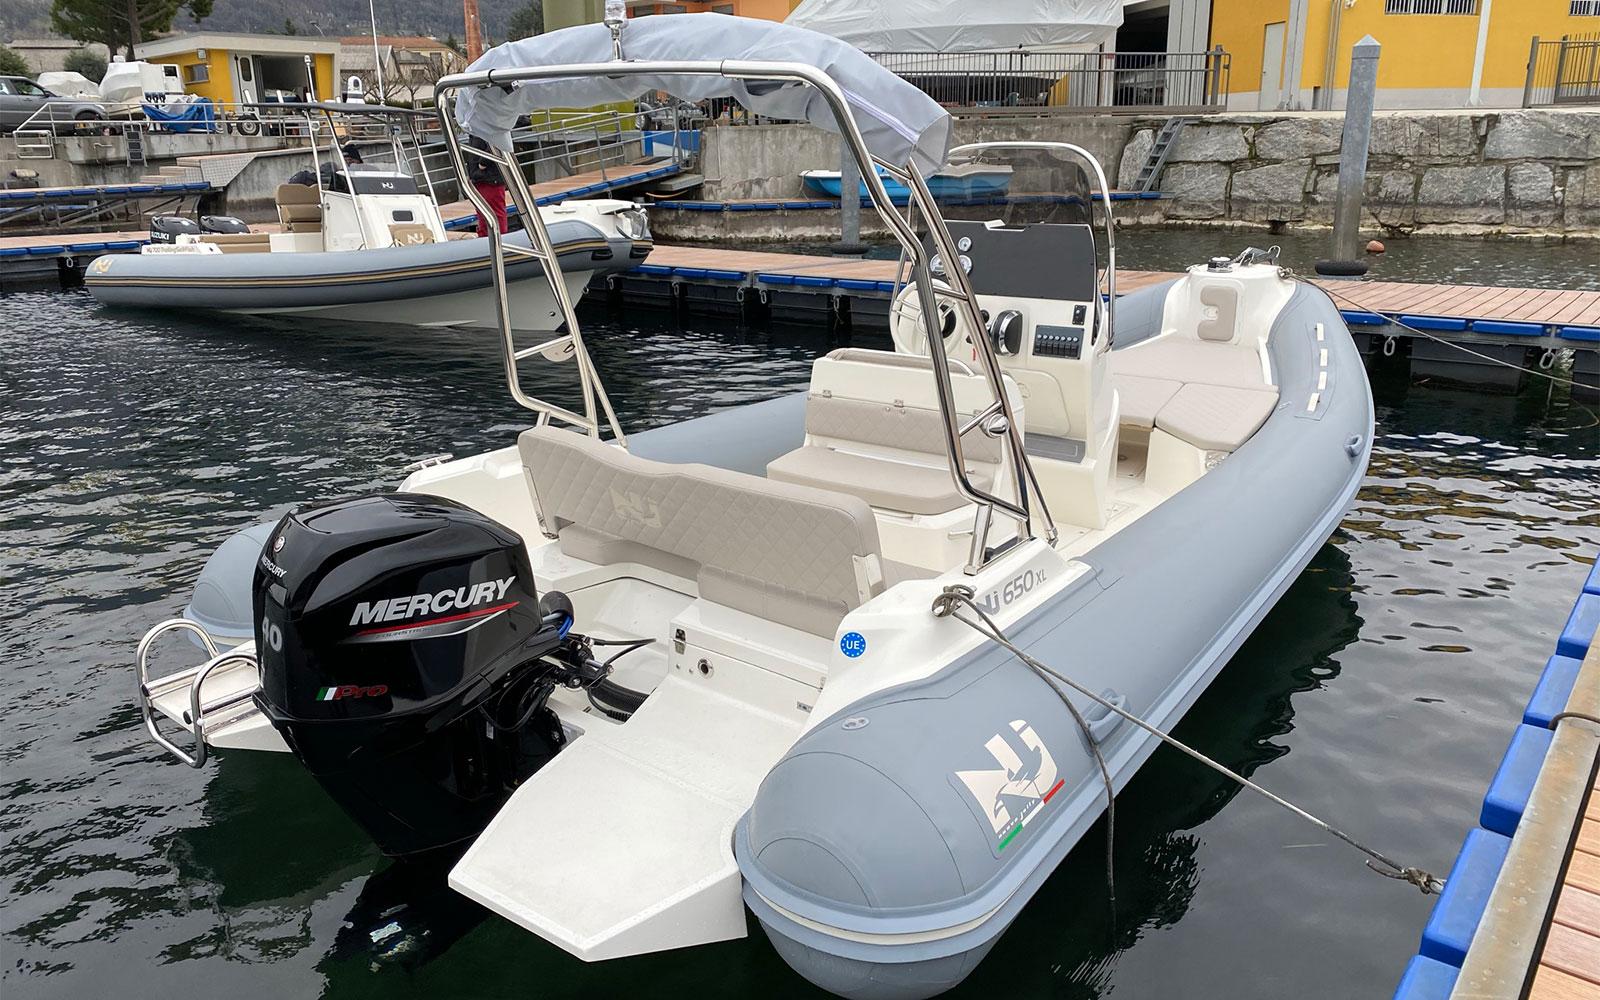 NJ 650 XL